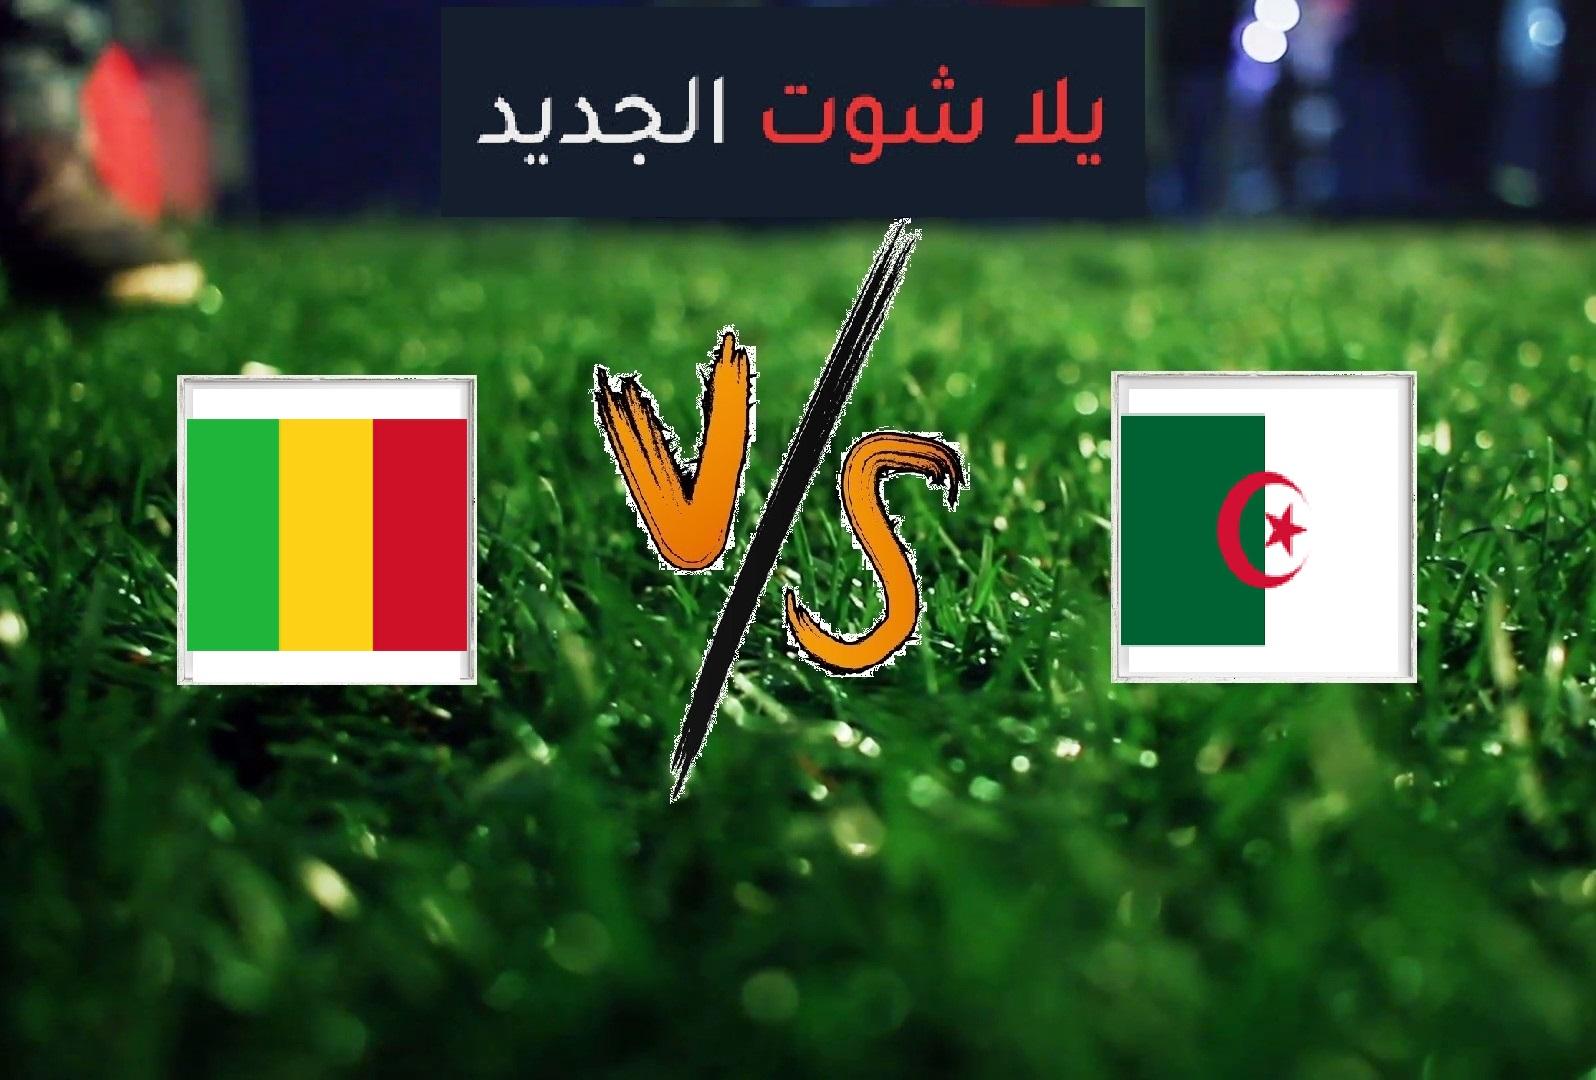 نتيجة مباراة الجزائر ومالي اليوم الاحد بتاريخ 16-06-2019 مباراة ودية